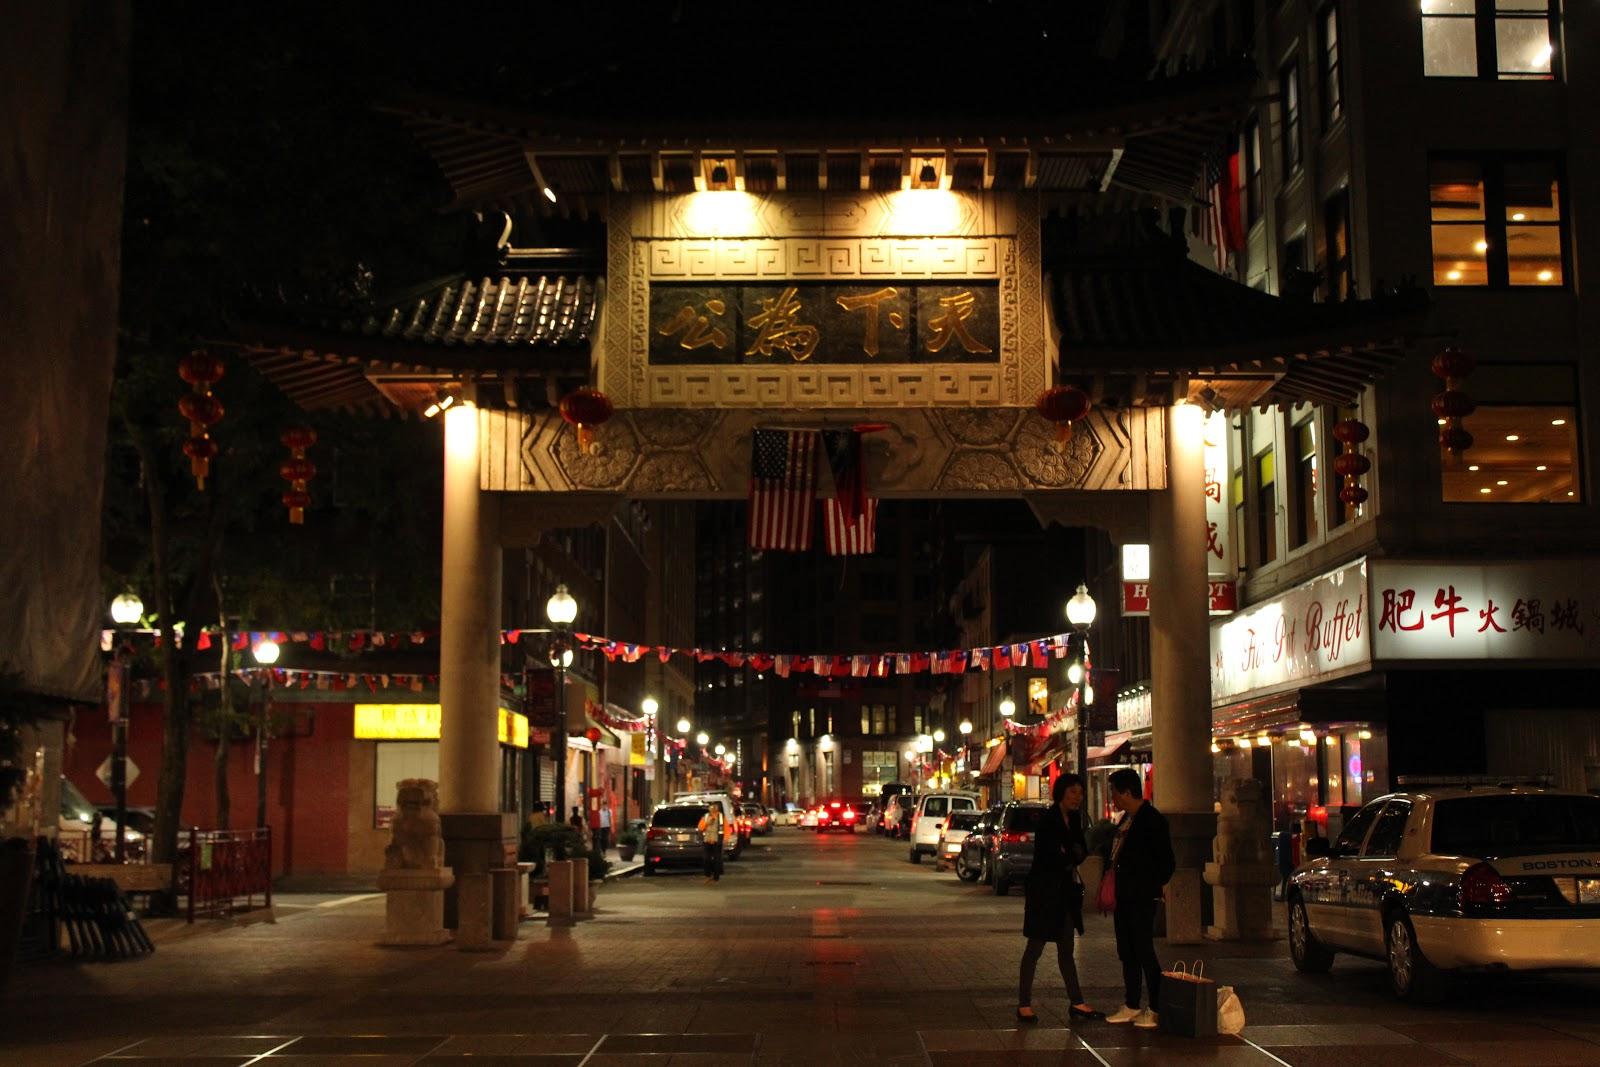 一個ROC和PRC並存的地方:紀錄2017年10月的波士頓華埠